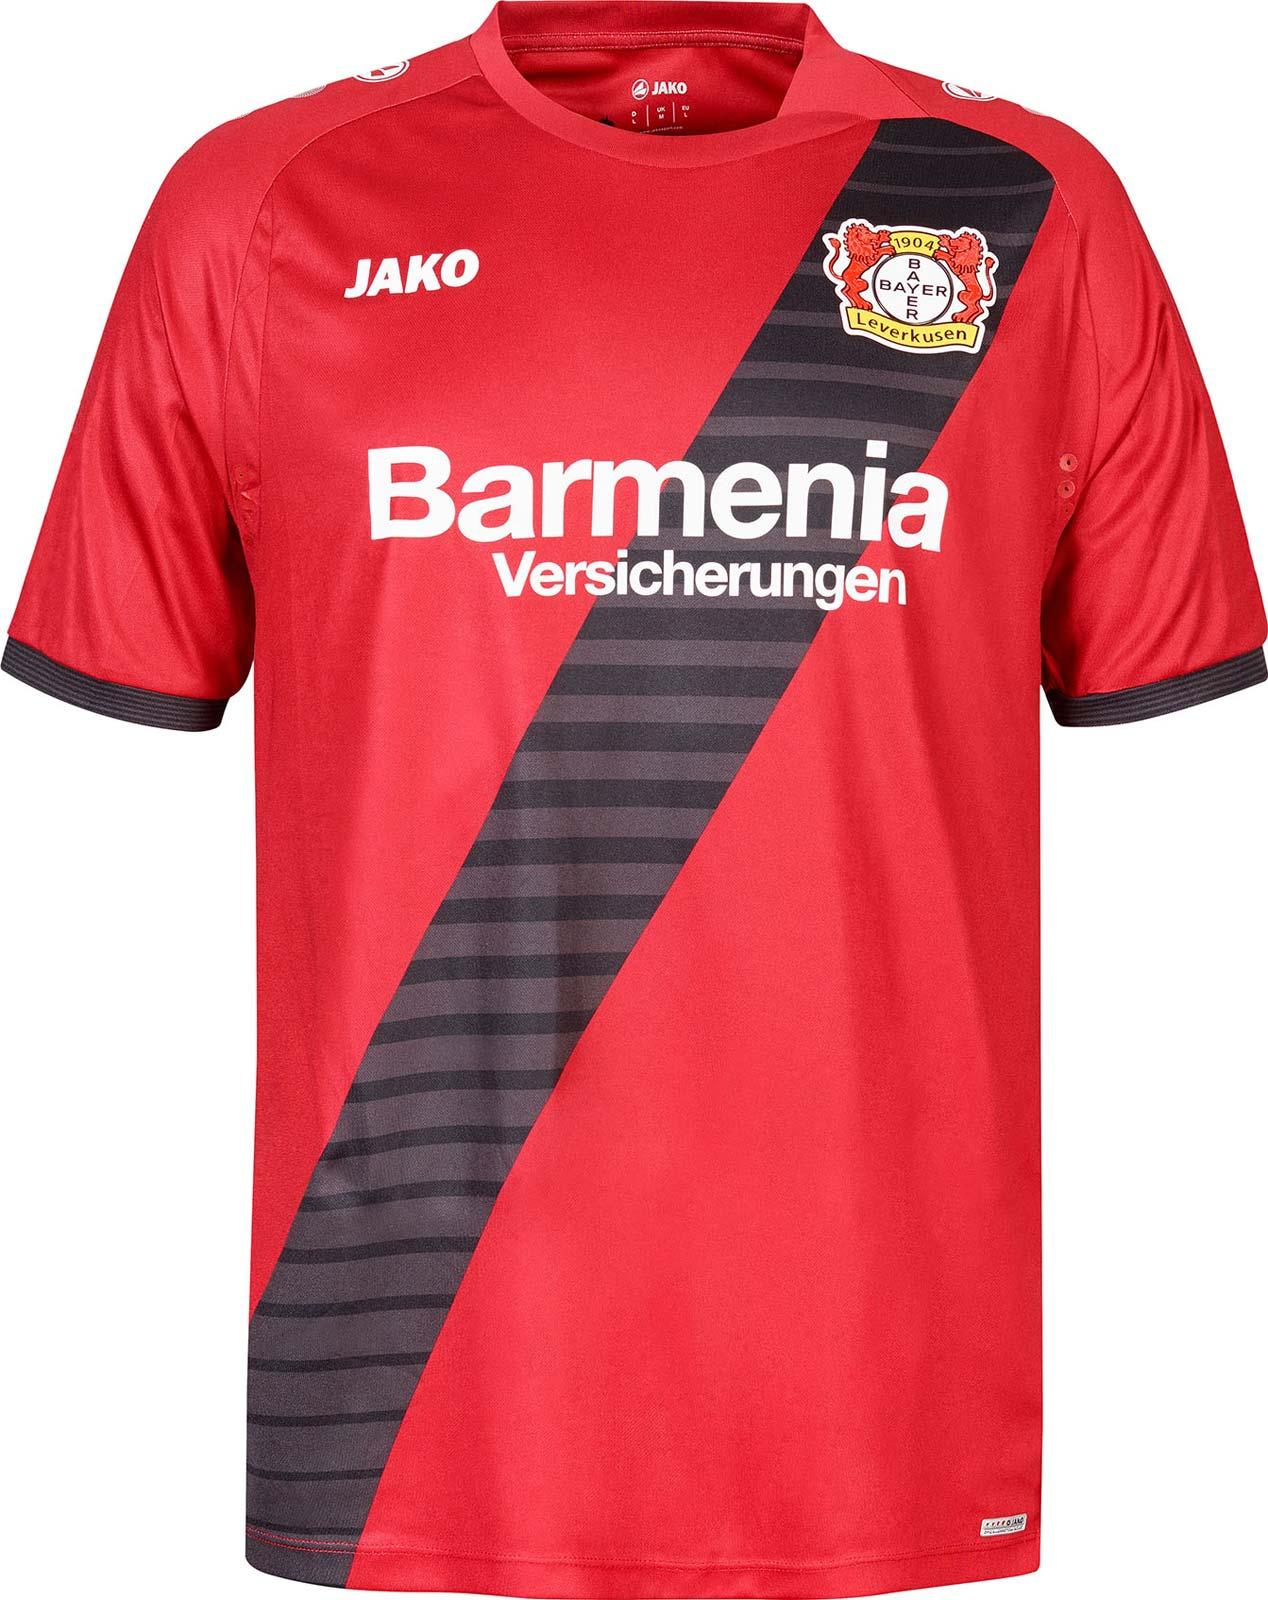 Bayer Leverkusen Trikot